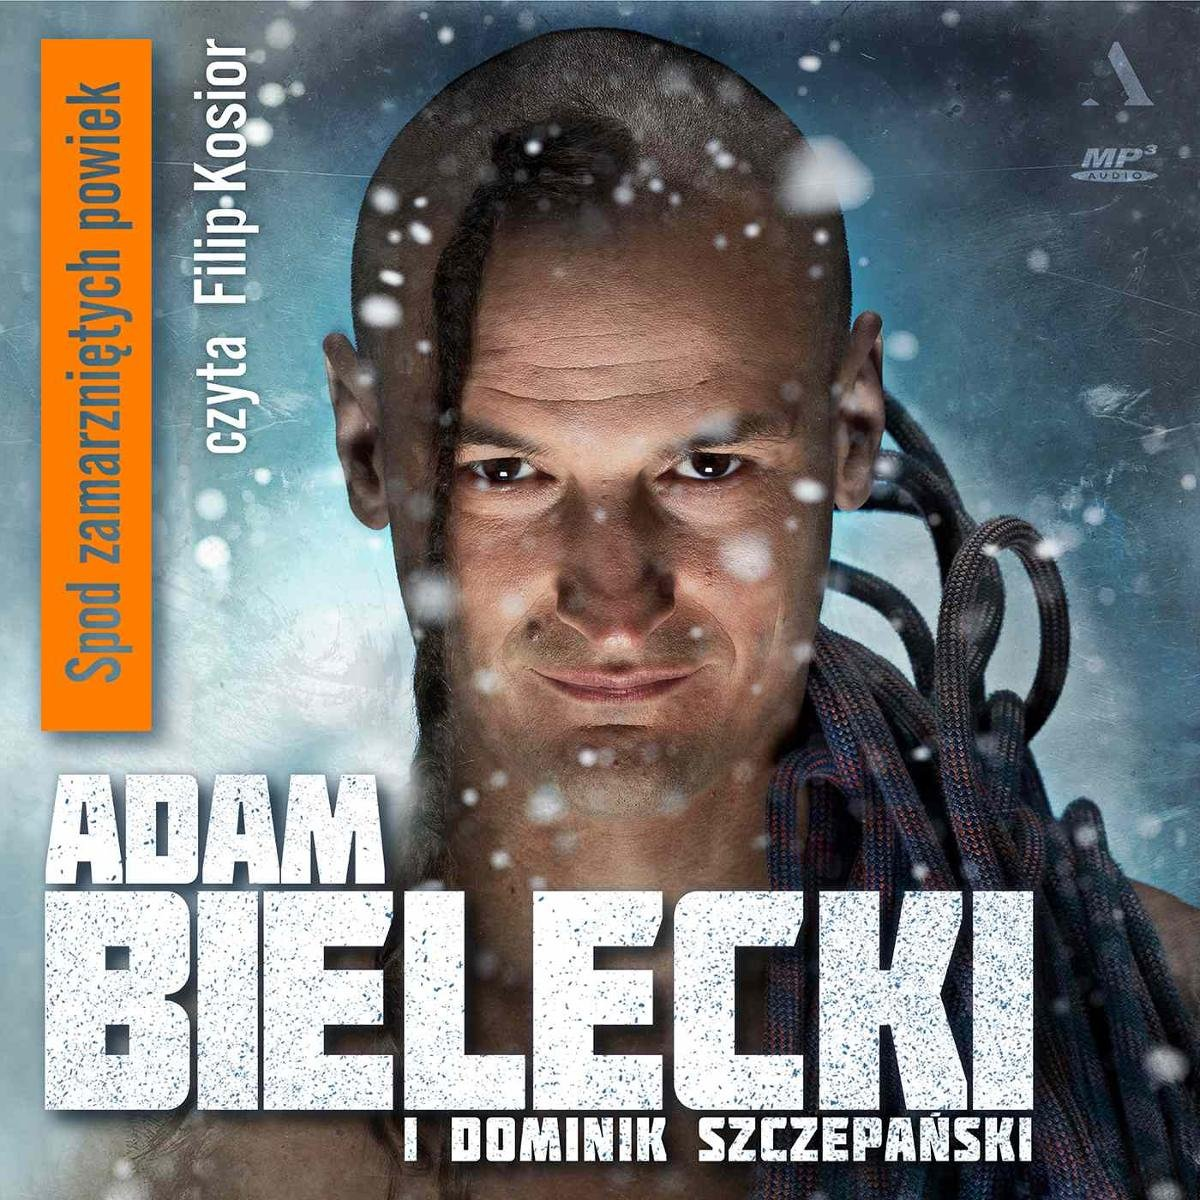 Adam Bielecki, Dominik Szczepański – Spod zamarzniętych powiek